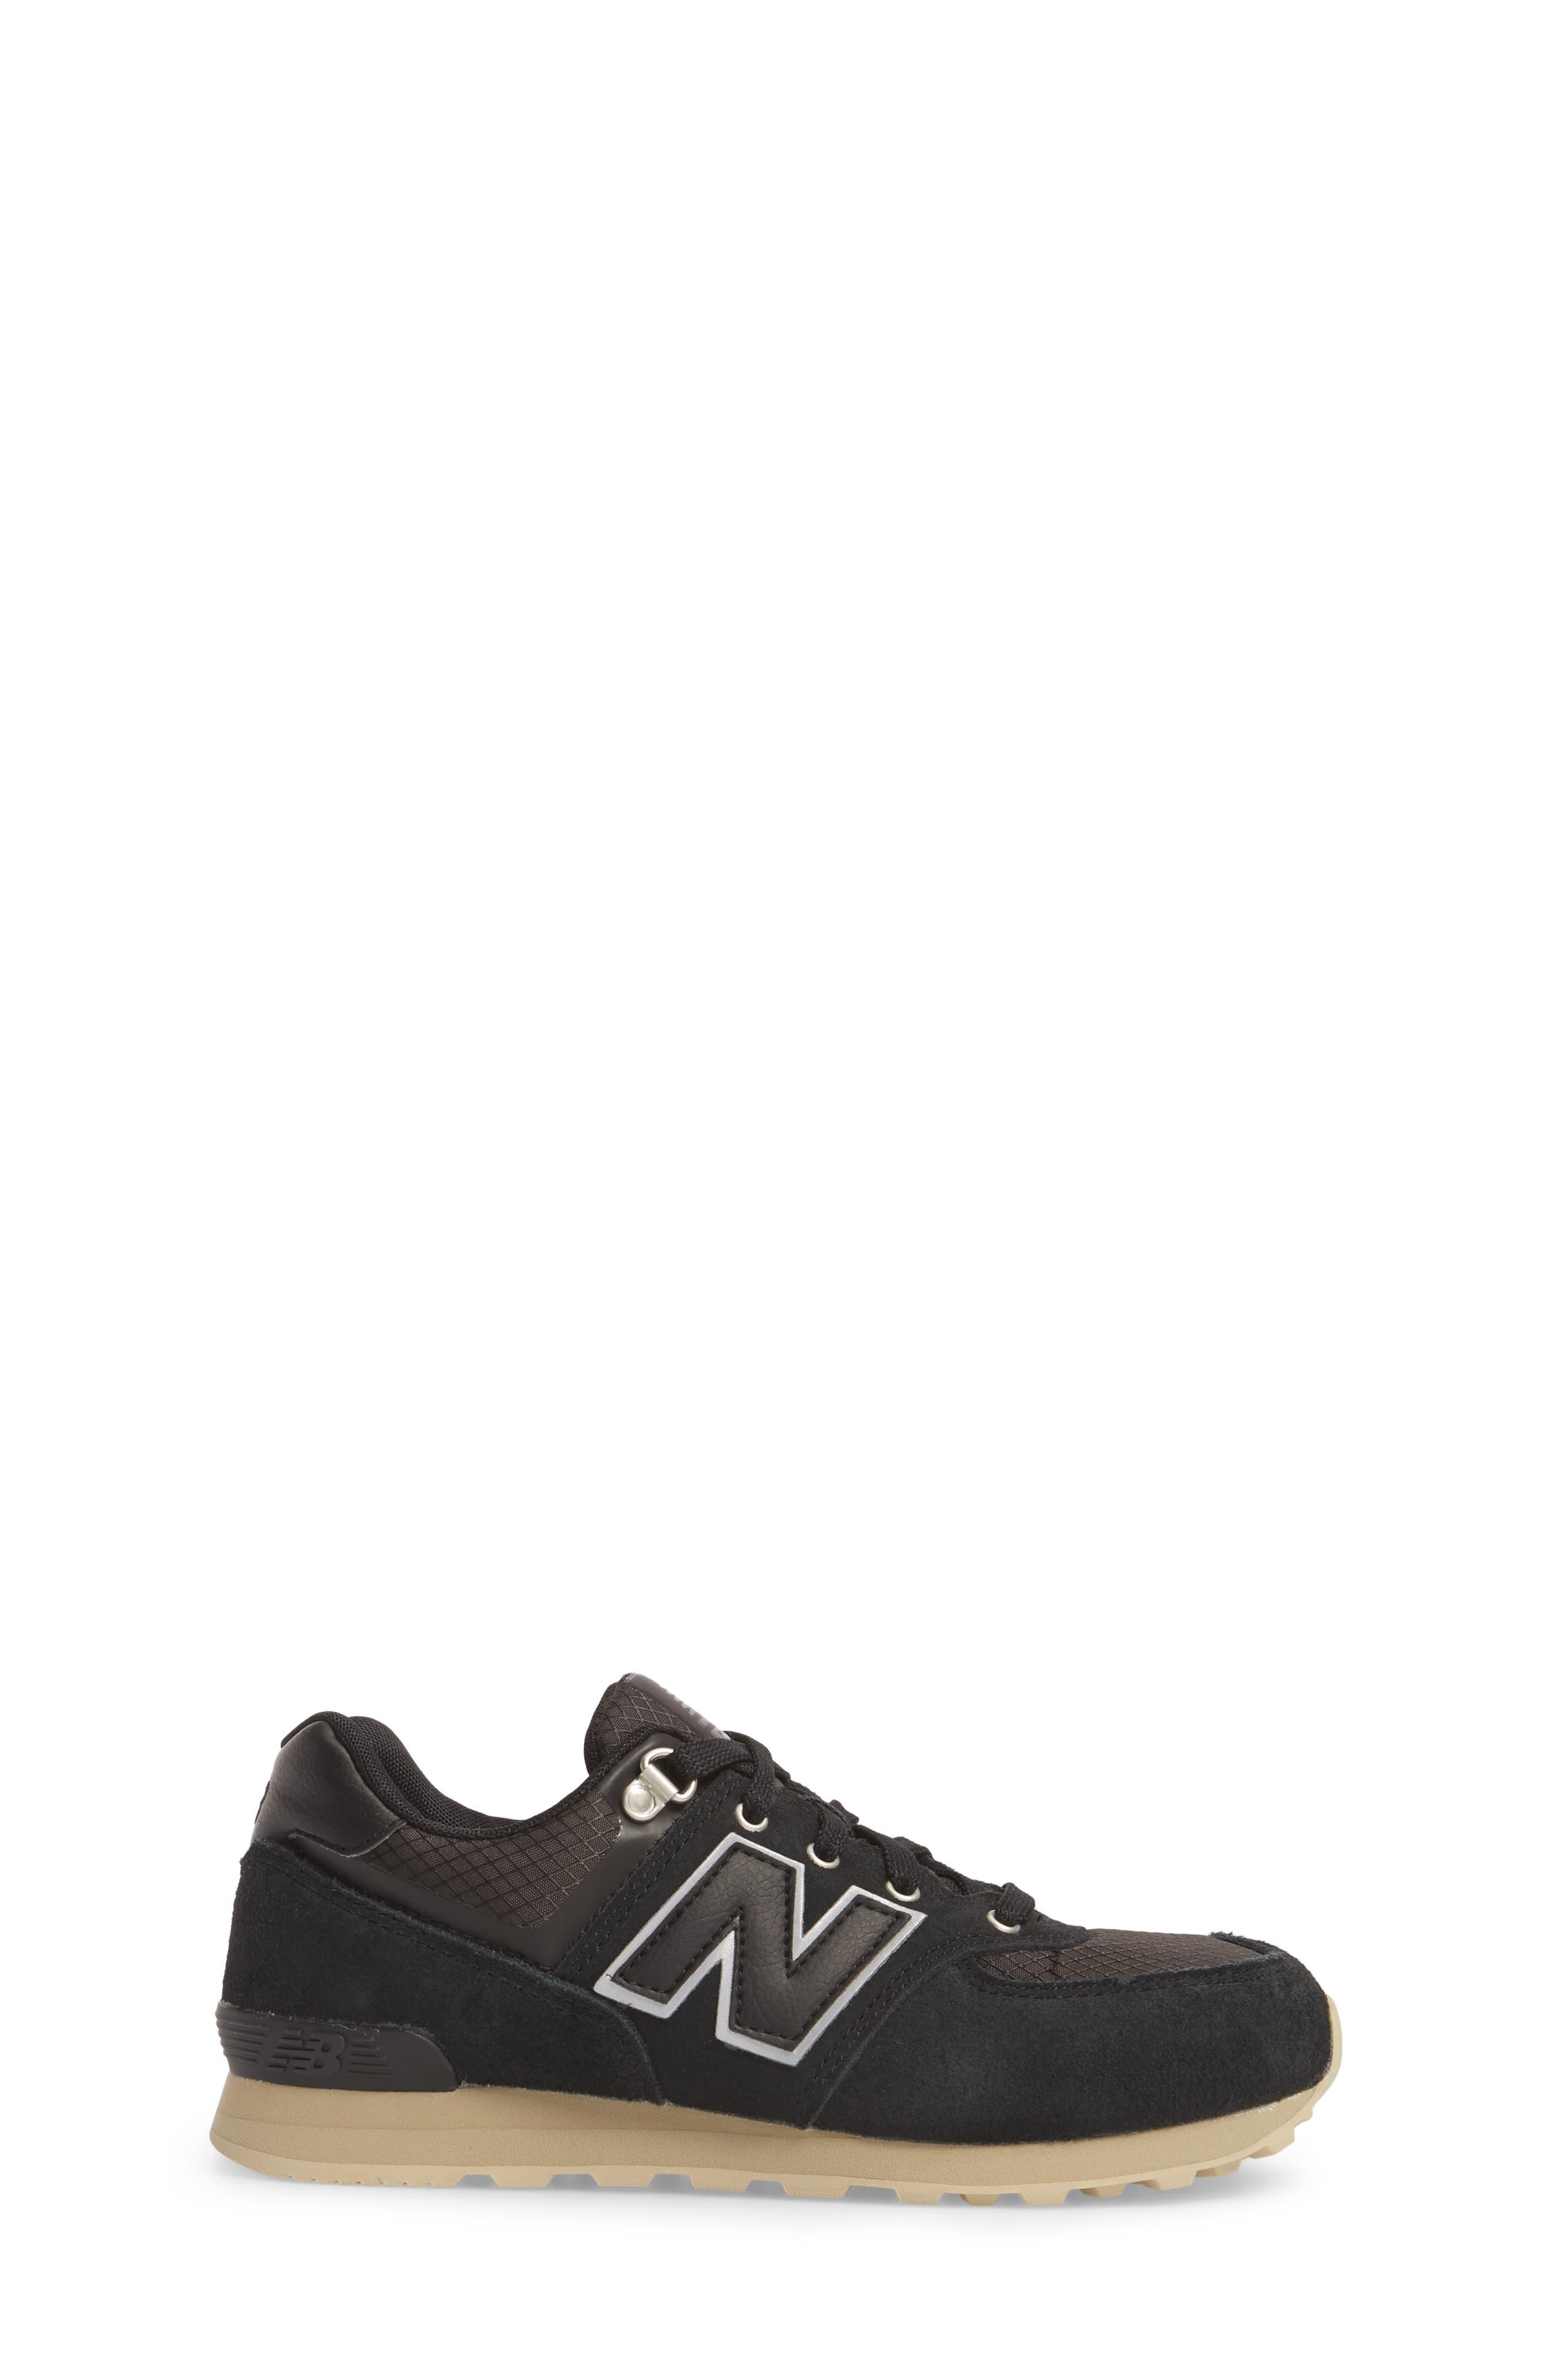 574 Sneaker,                             Alternate thumbnail 3, color,                             001